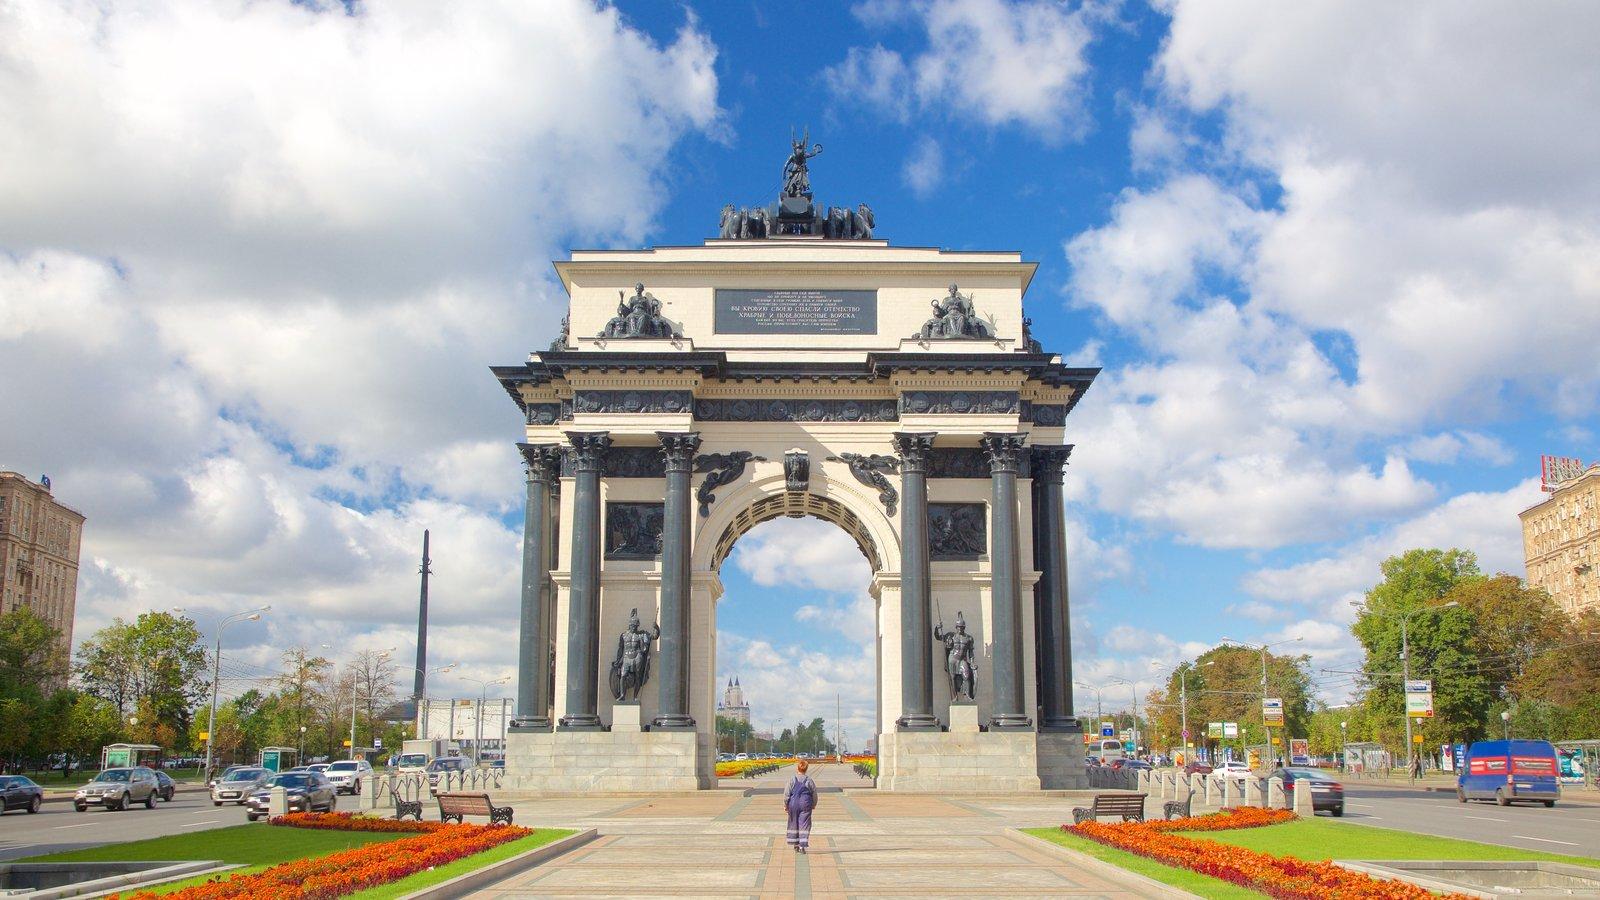 Arco do Triunfo mostrando um monumento